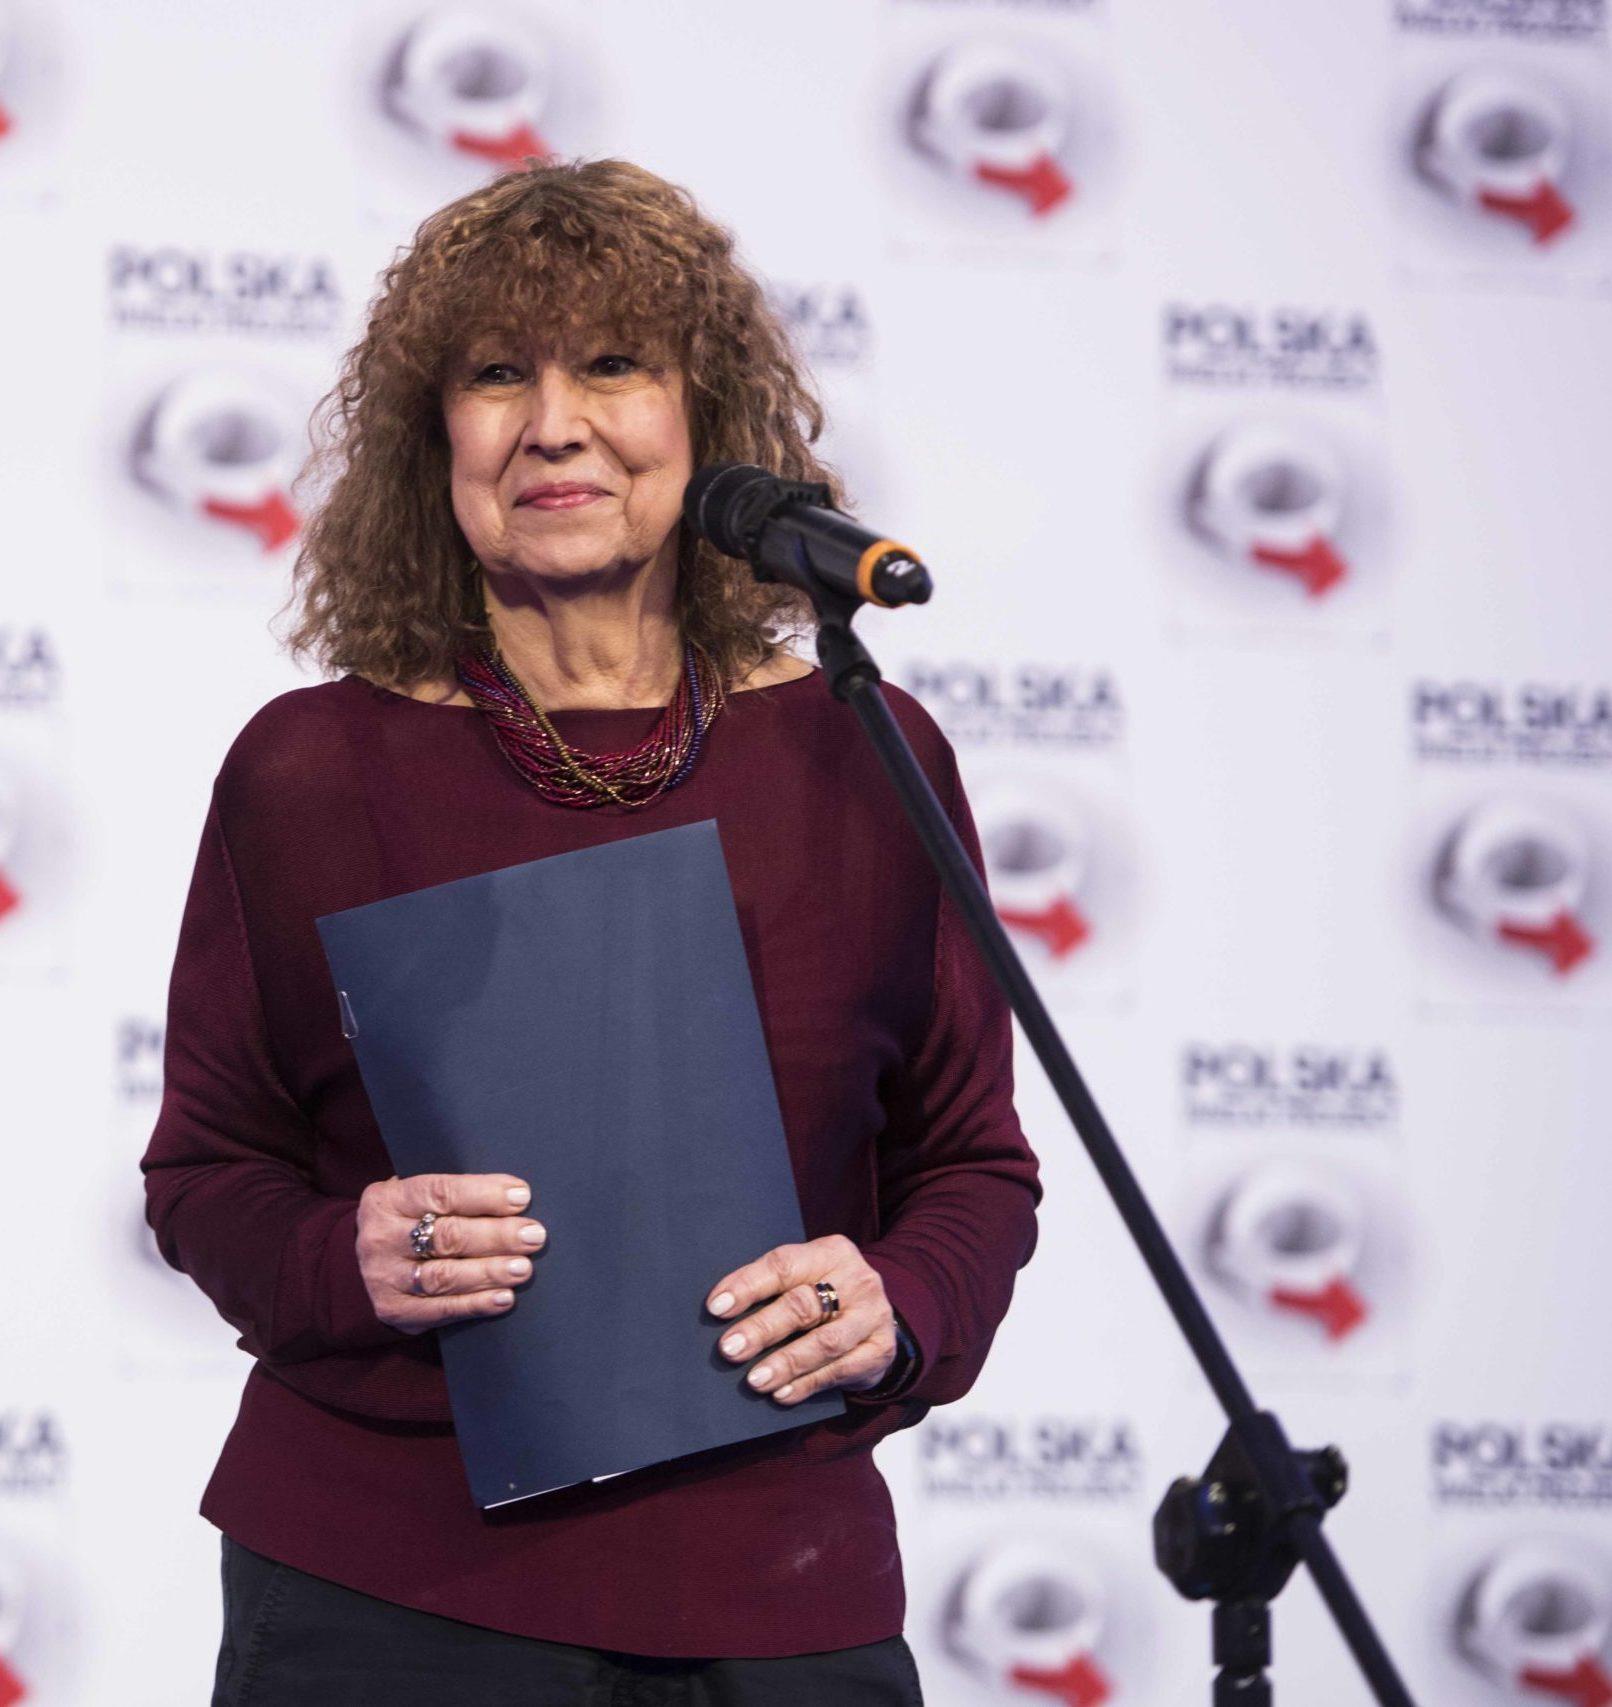 Maryna Miklaszewska